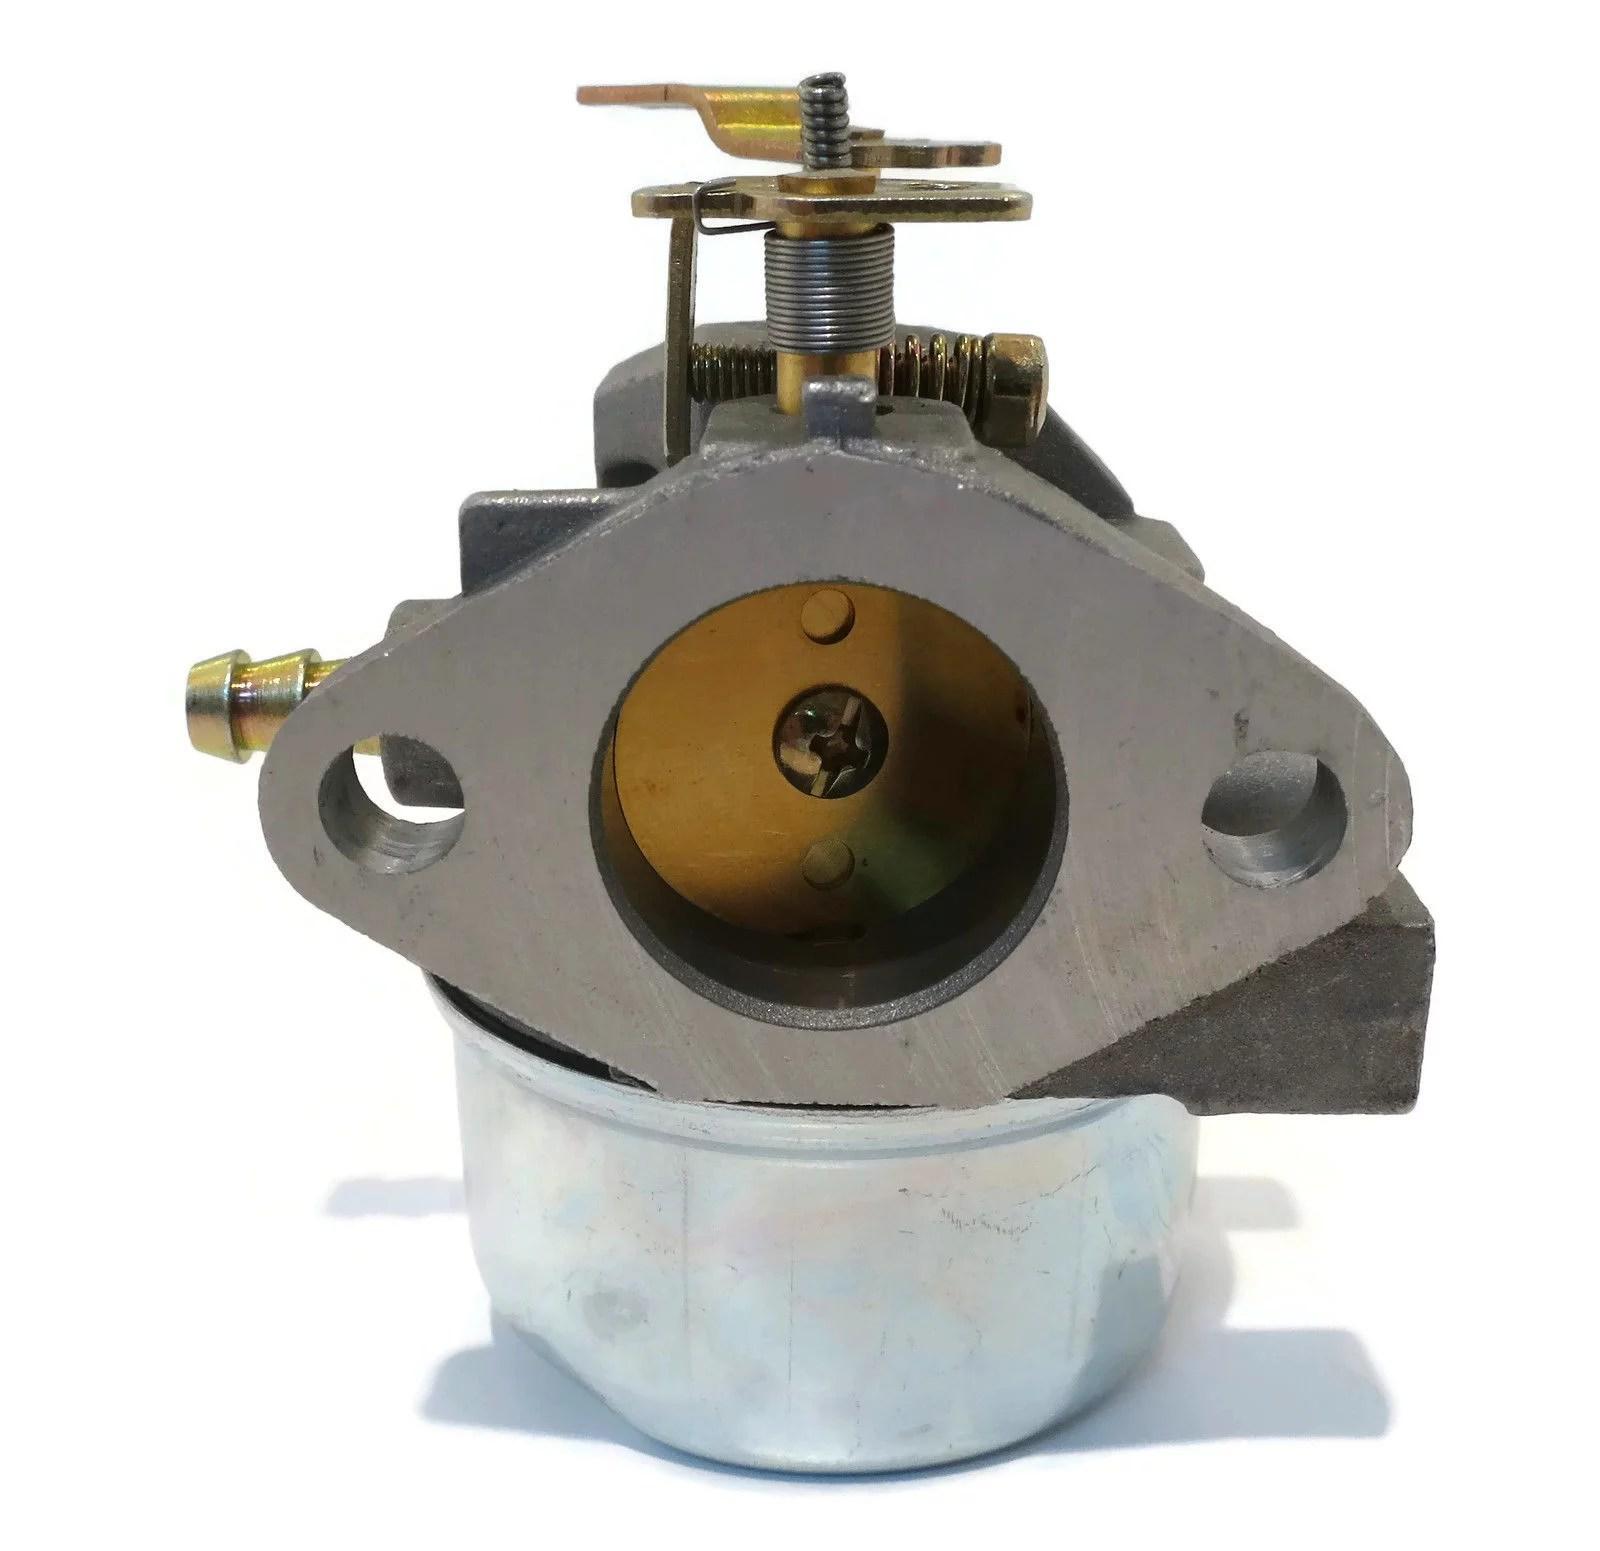 hight resolution of carburetor carb for john deere snow blower thrower trs22 trs24 trs26carburetor carb for john deere snow